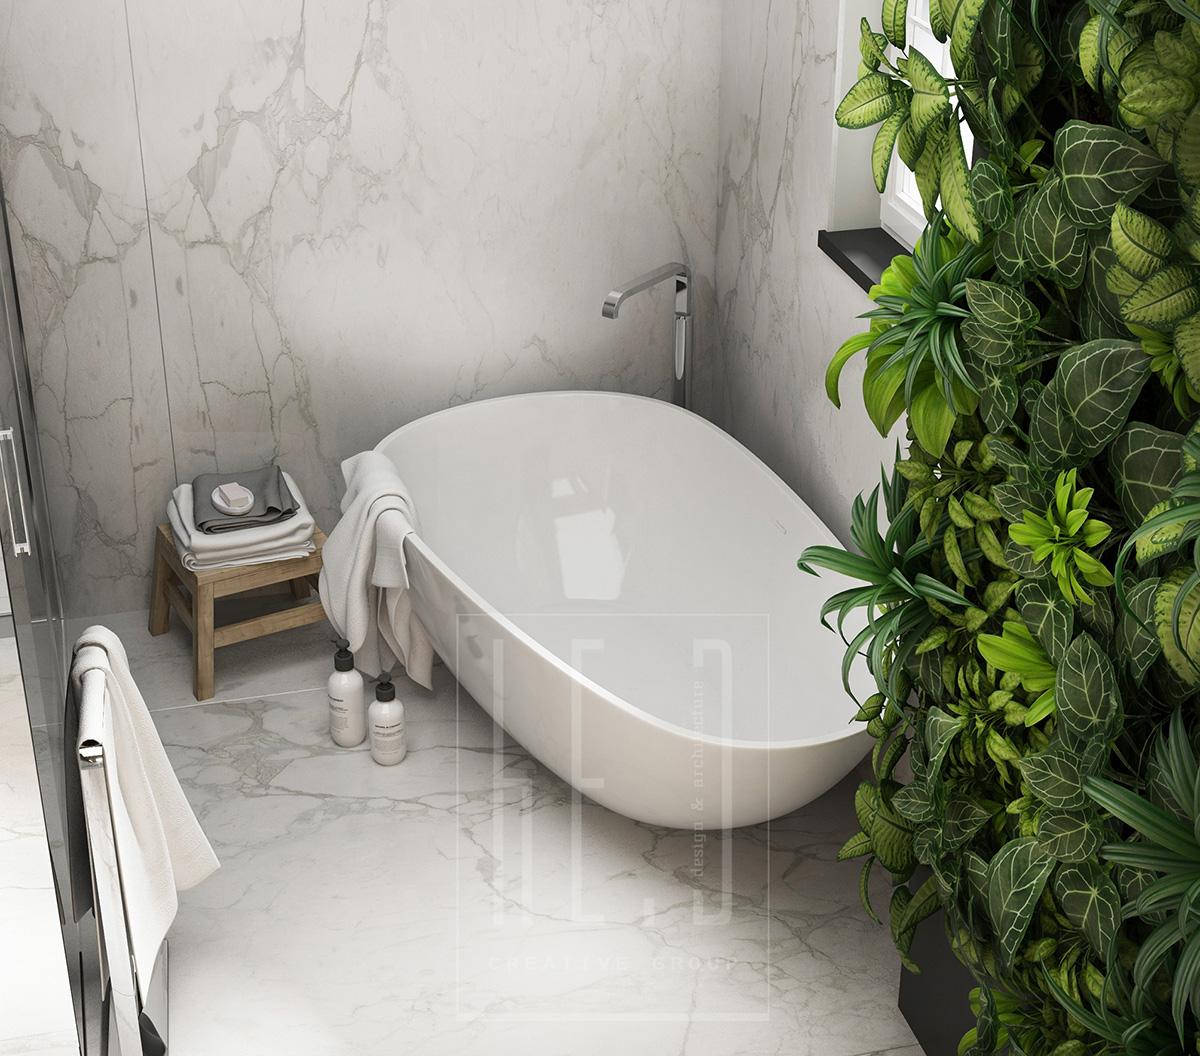 дизайн интерьера санузла с отдельностоящей ванной